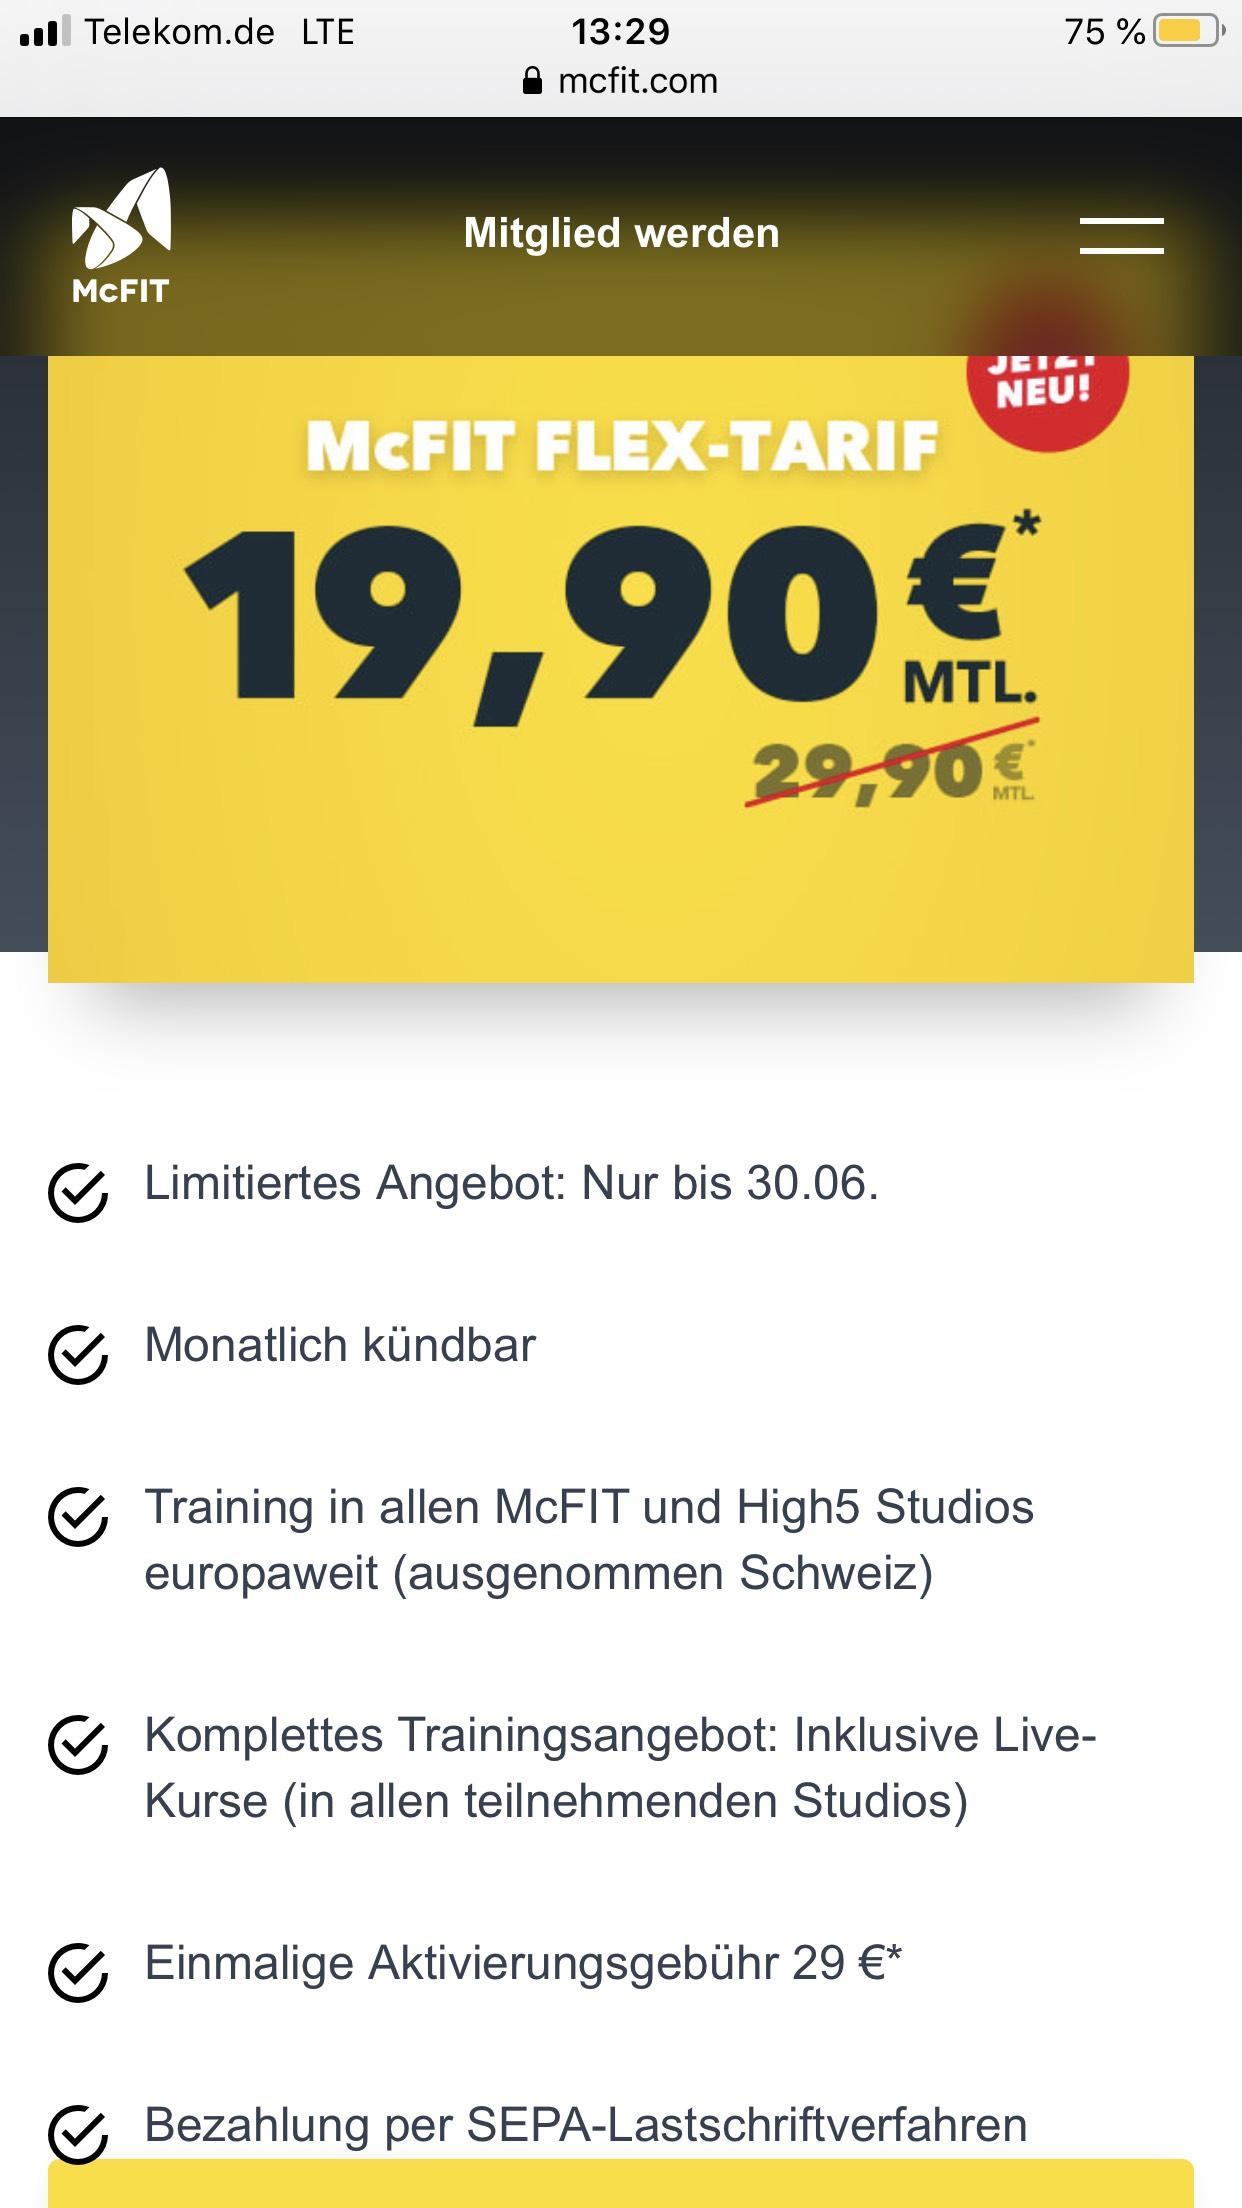 Mc Fit Flex Tarif, monatlich kündbar, für 19,90€ + einmalige Aktivierungsgebühr 29 €